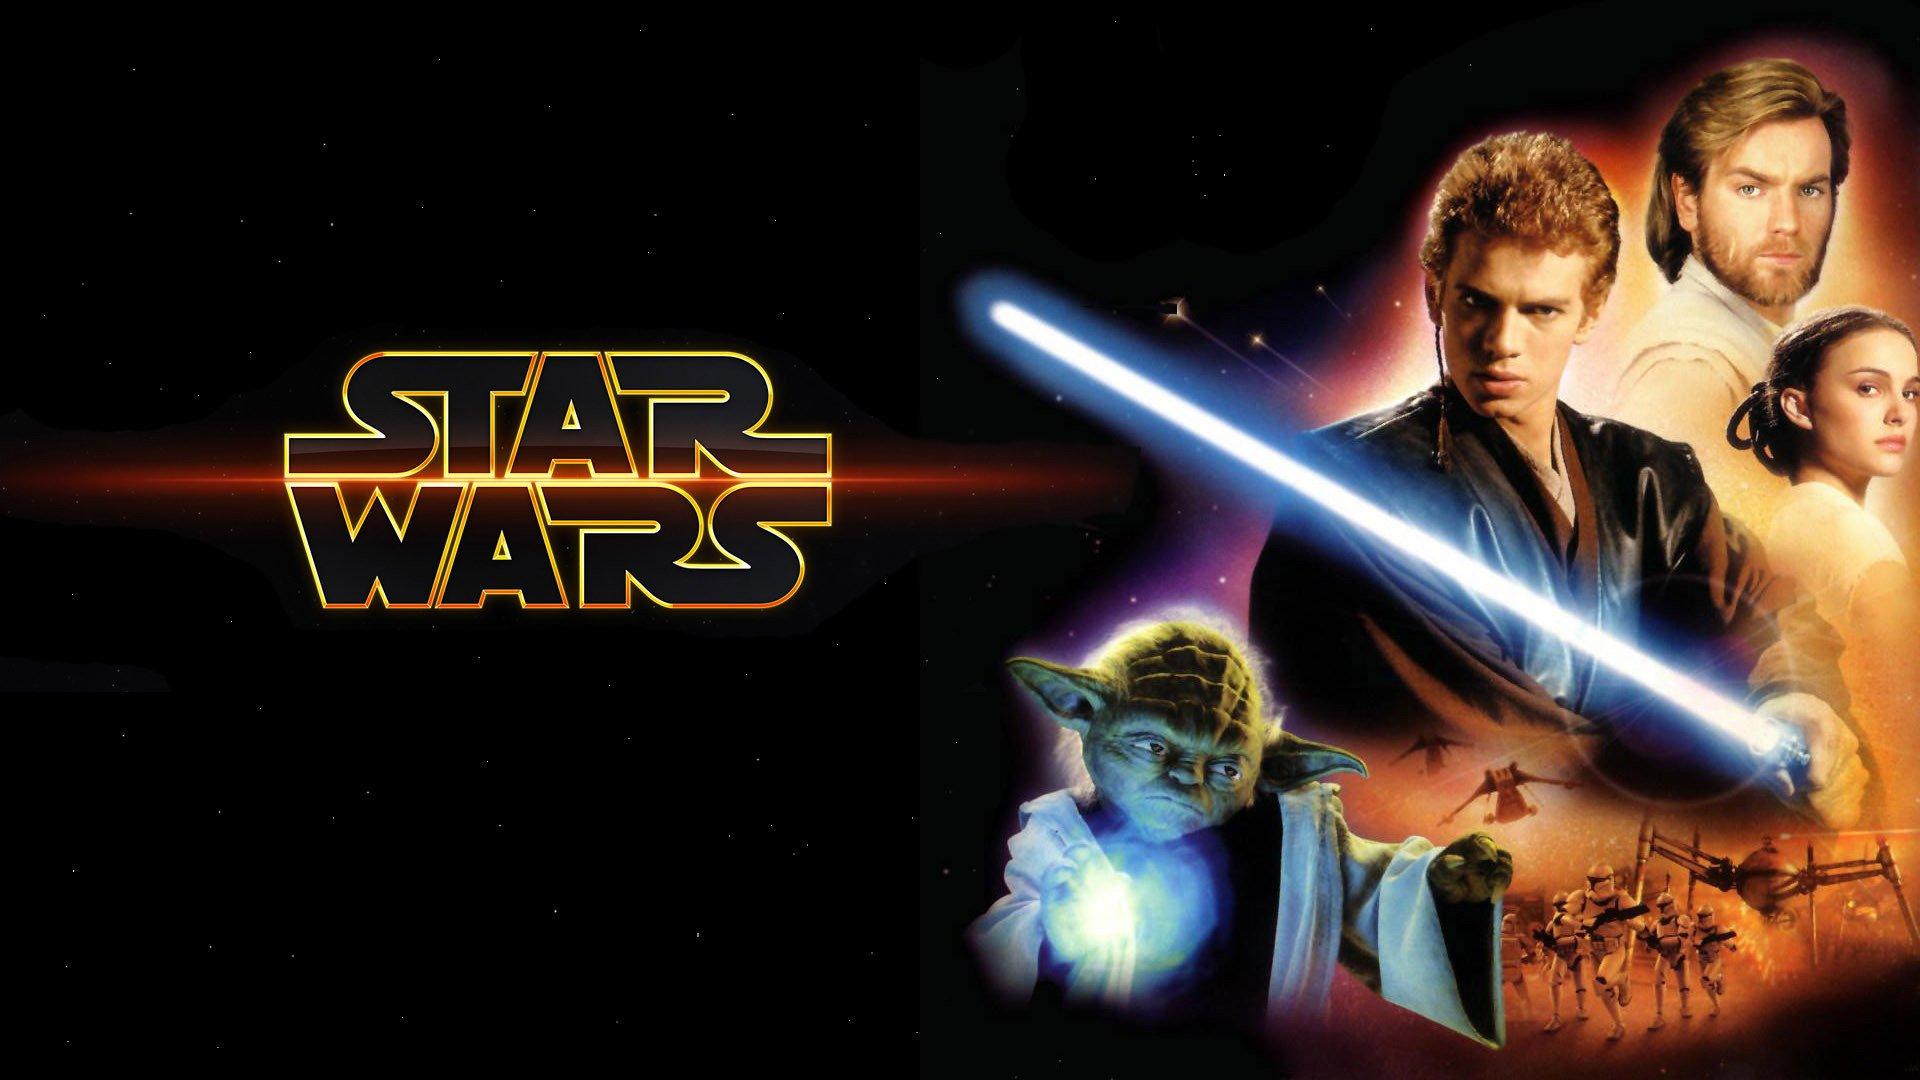 STAR WARS ATTACK CLONES sci-fi action futuristic movie ...